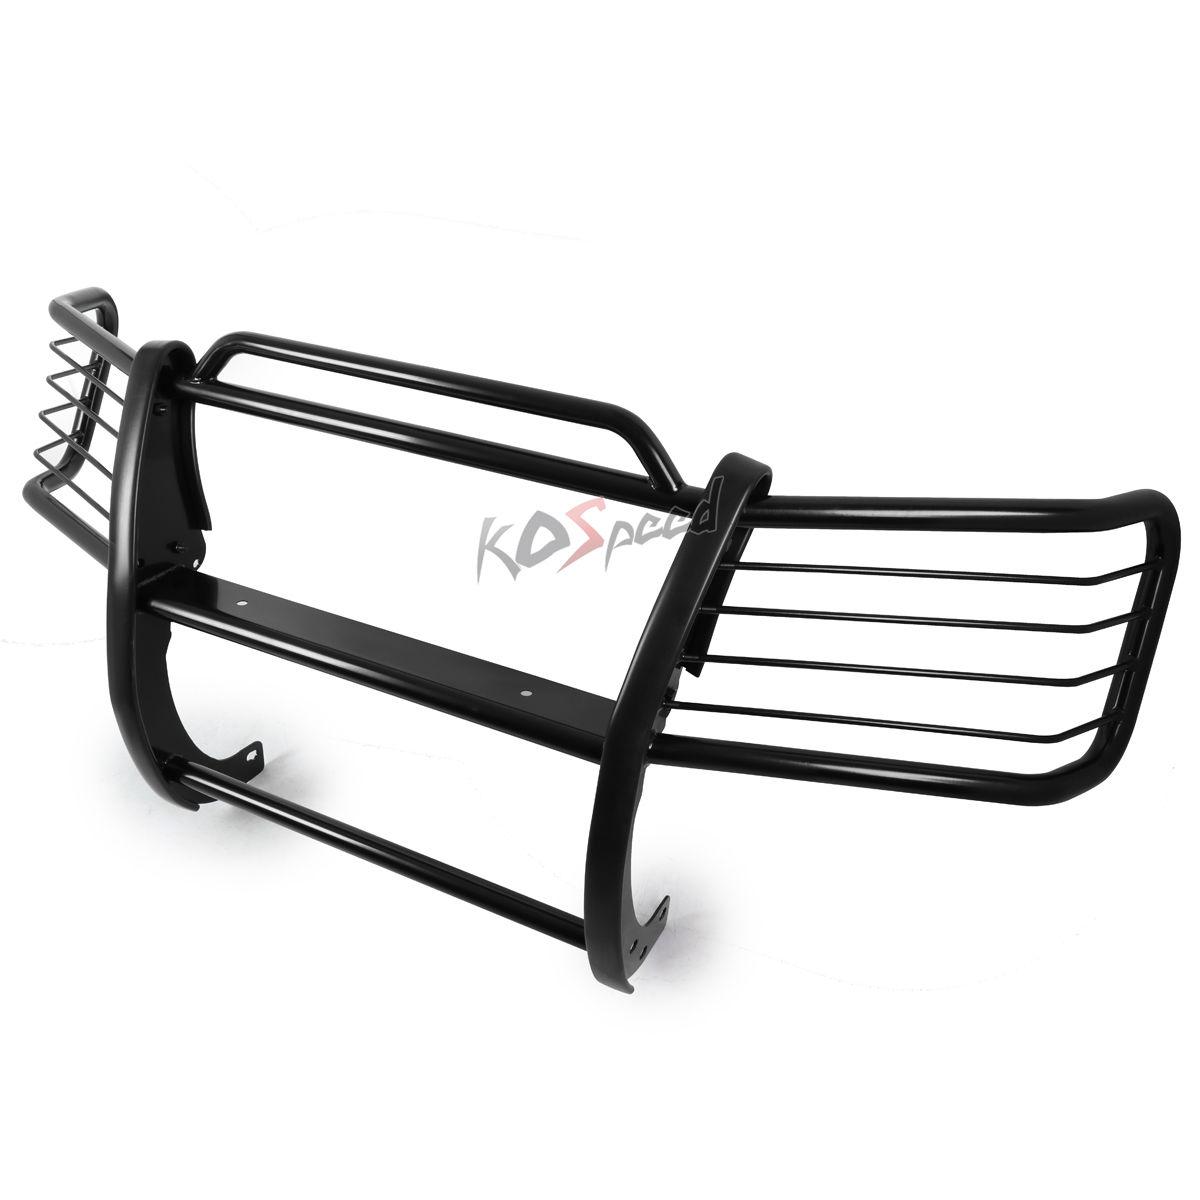 グリル 09-17ダッジラム1500ピックアップ用黒色軟鋼合金グリルガードフレームバー Black Mild Steel Alloy Grille Guard Frame Bar for 09-17 Dodge Ram 1500 Pickup